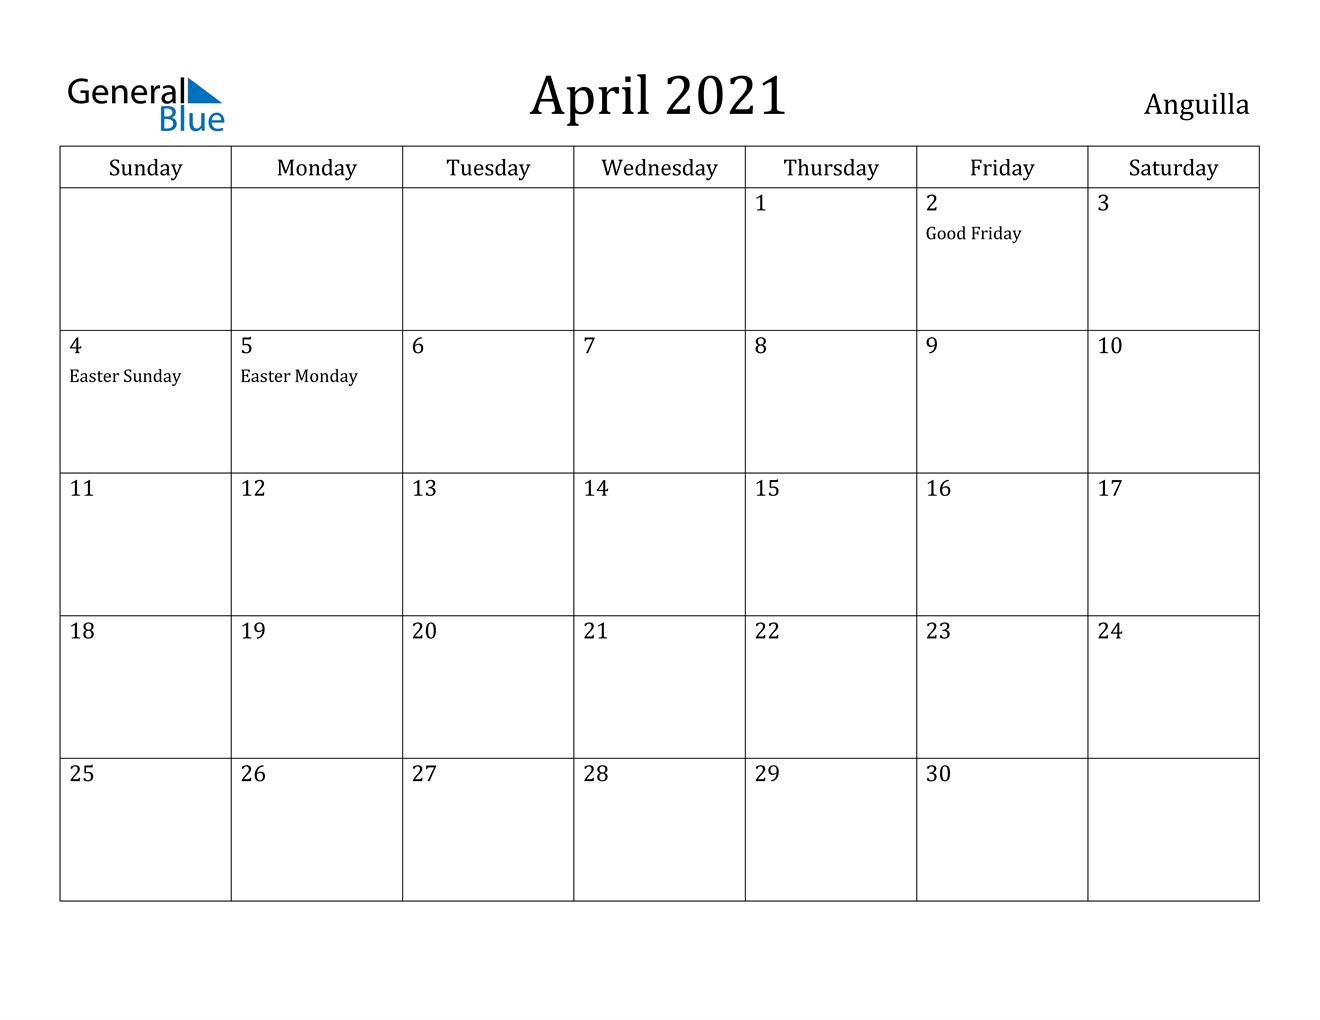 April 2021 Calendar - Anguilla